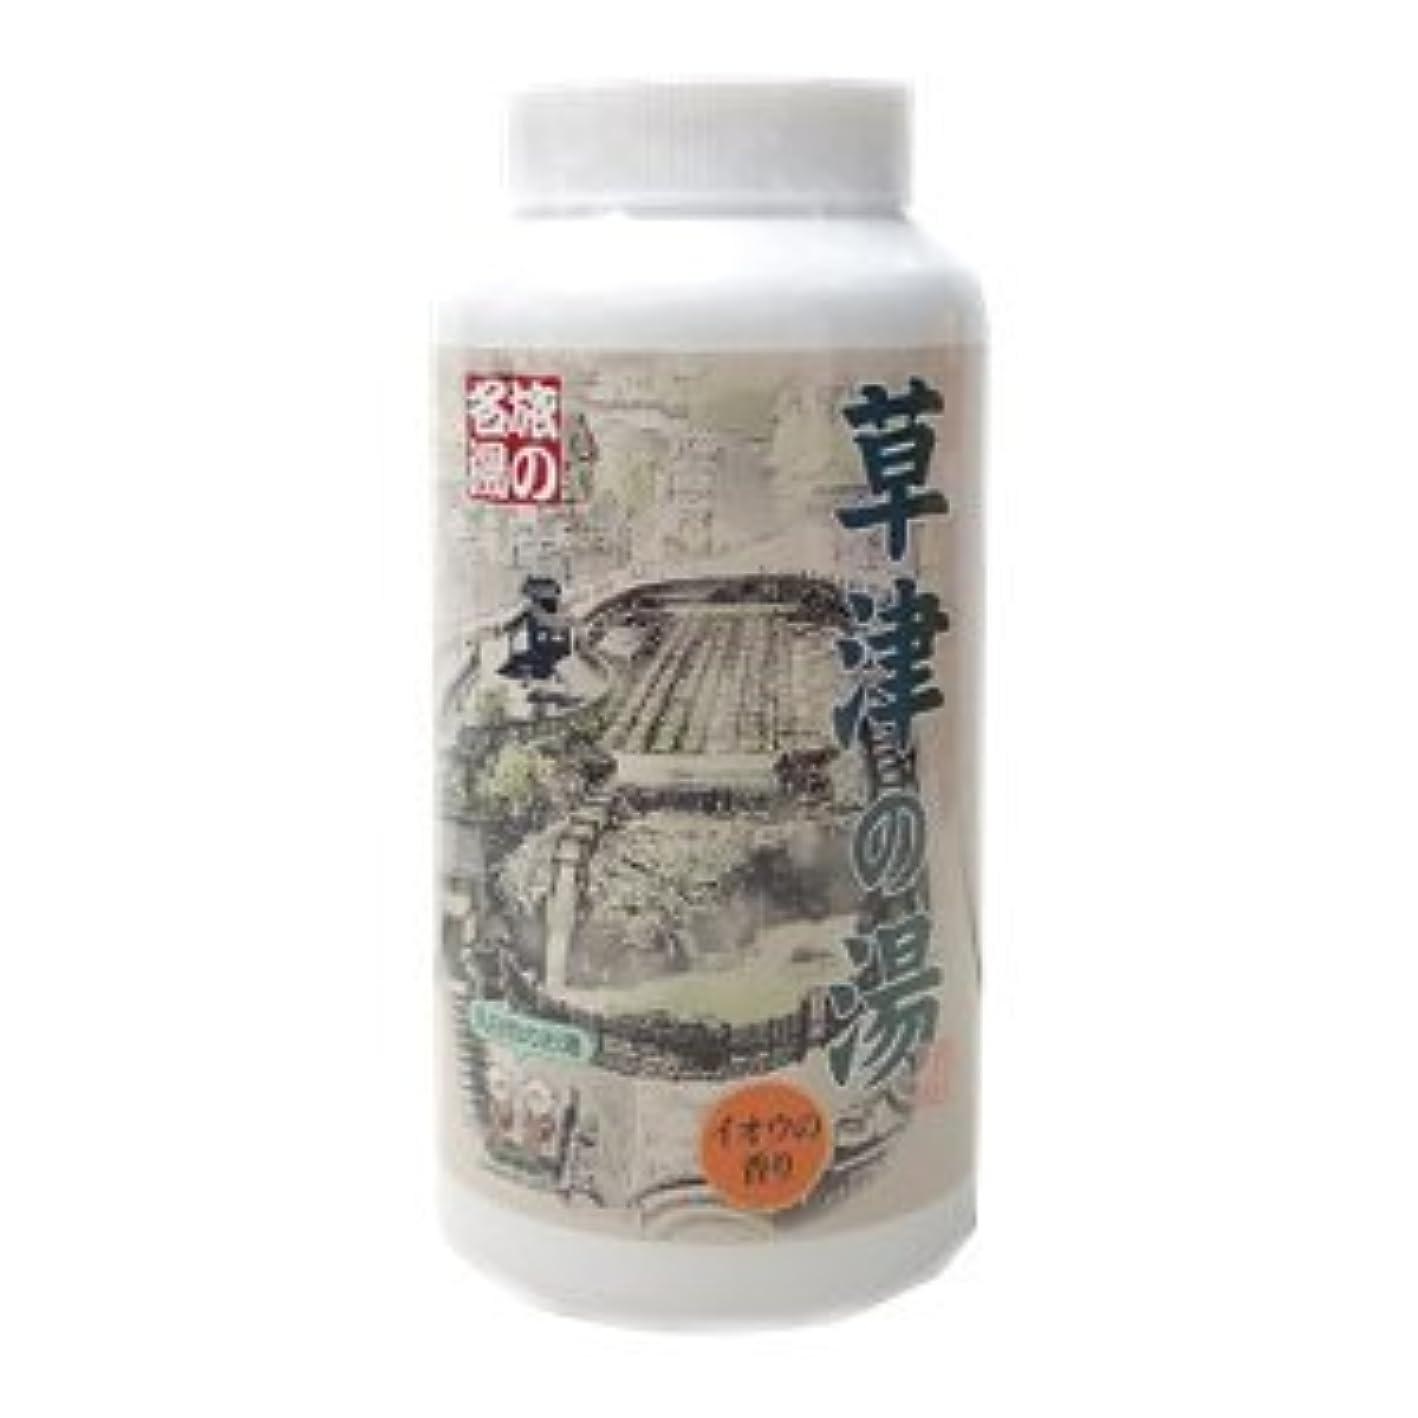 倍増活性化シーケンス草津の湯入浴剤 『イオウの香り』 乳白色のお湯 500g 20回分